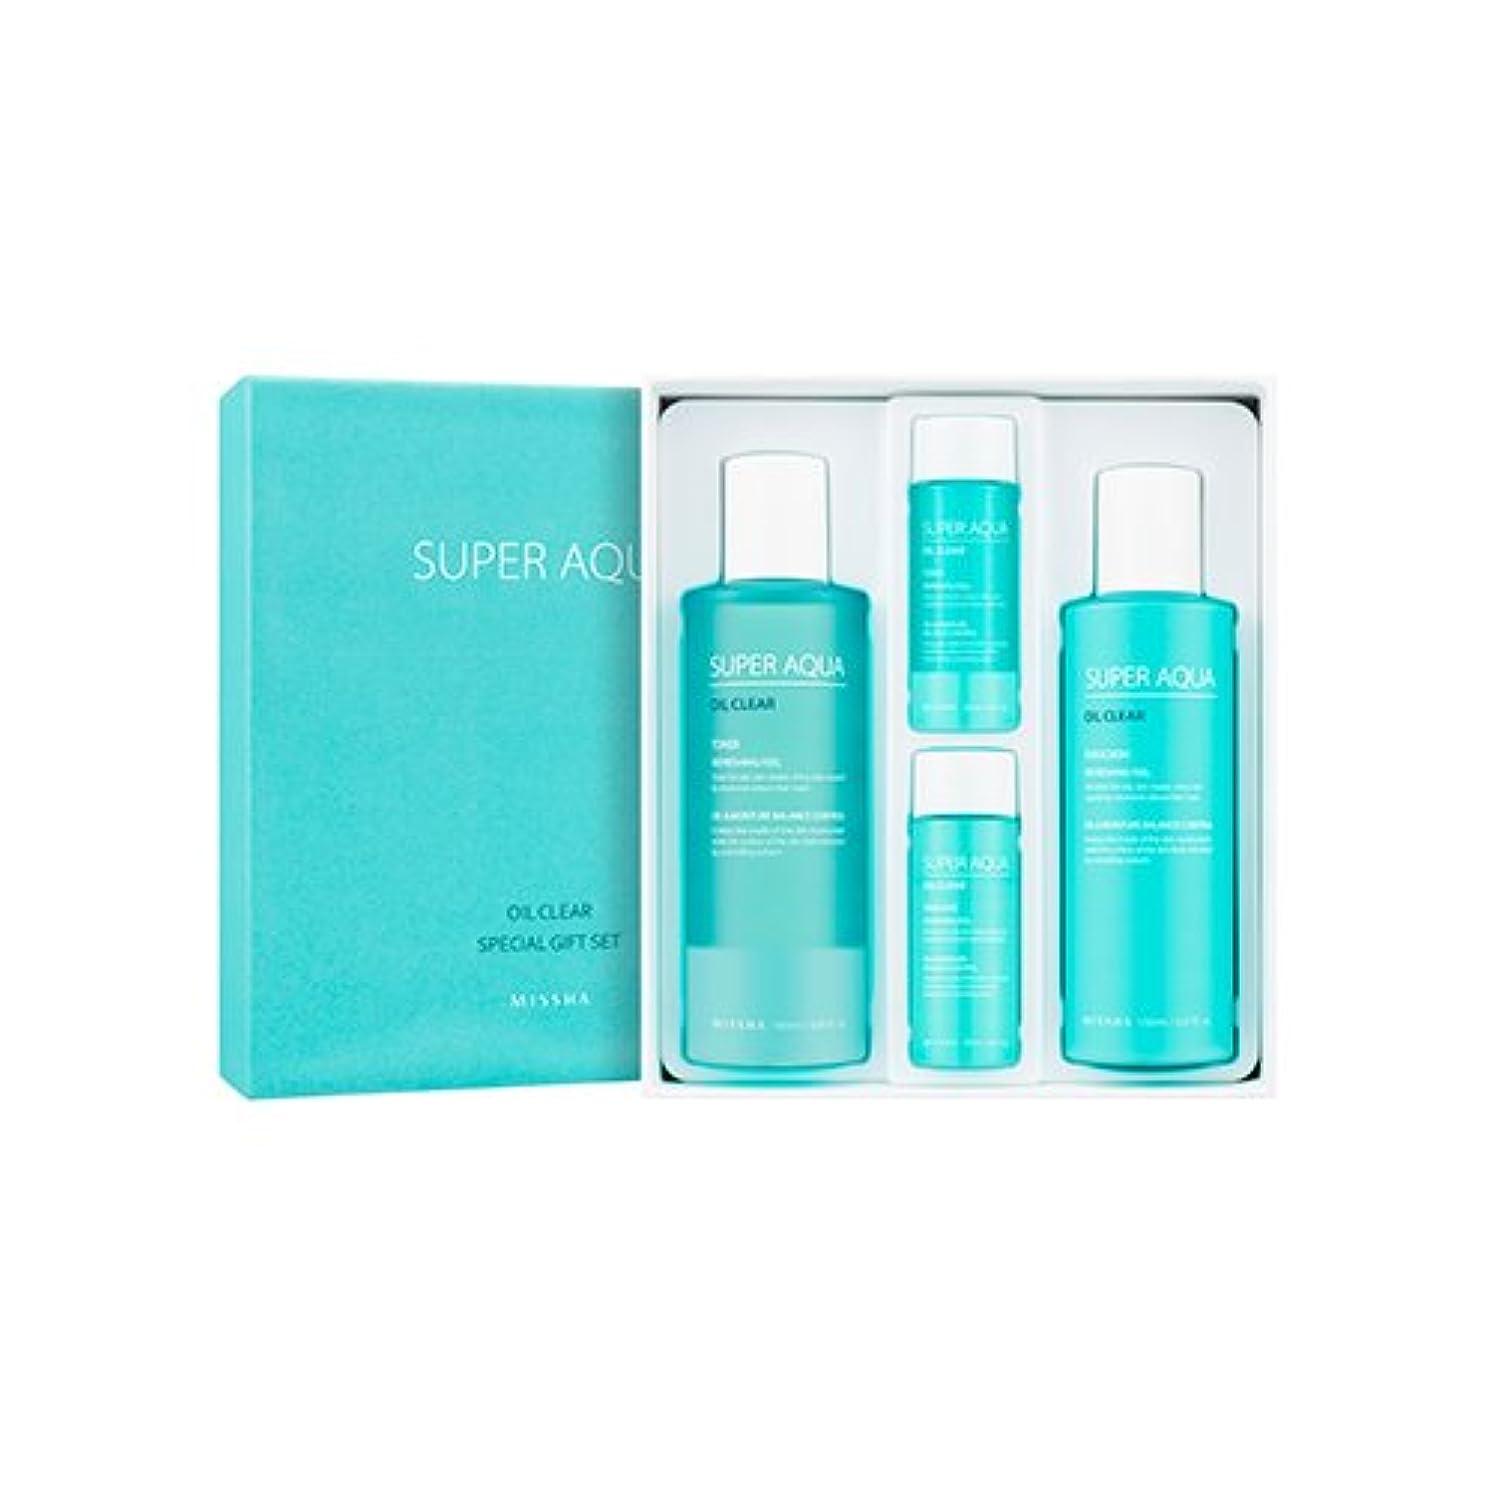 驚くばかりフェード地質学MISSHA Super Aqua Oil Clear Special Gift Set/ミシャ スーパーアクアオイルクリアスペシャルギフトセット [並行輸入品]